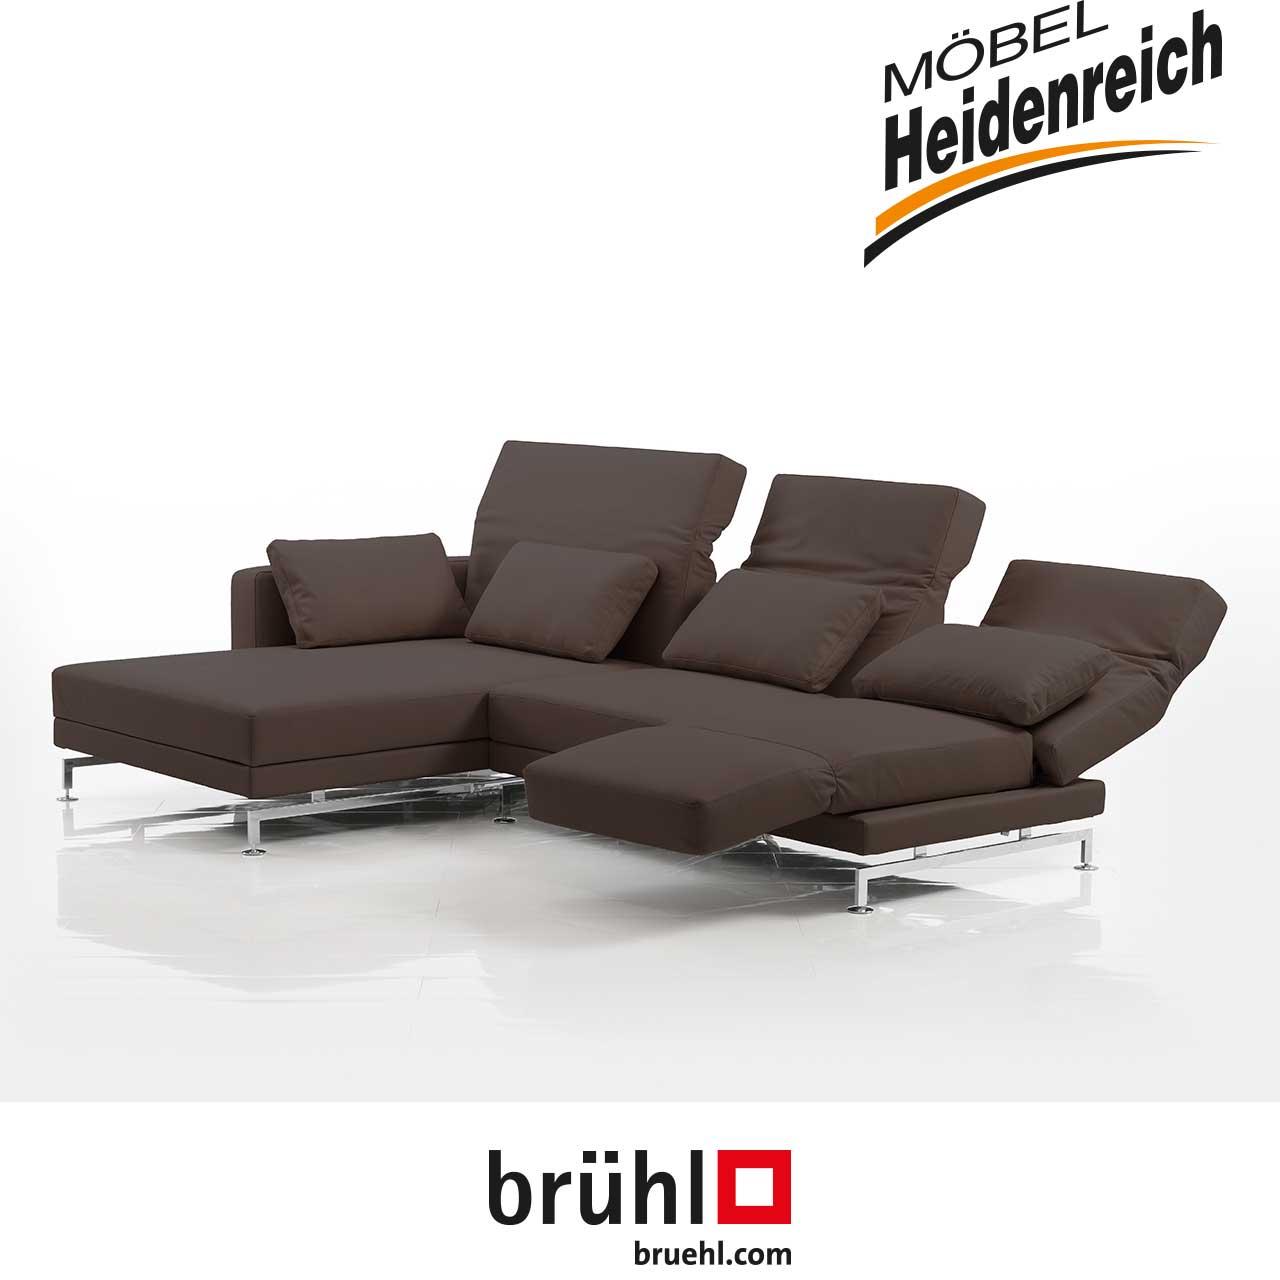 ecksofas br hl marken m bel heidenreich. Black Bedroom Furniture Sets. Home Design Ideas